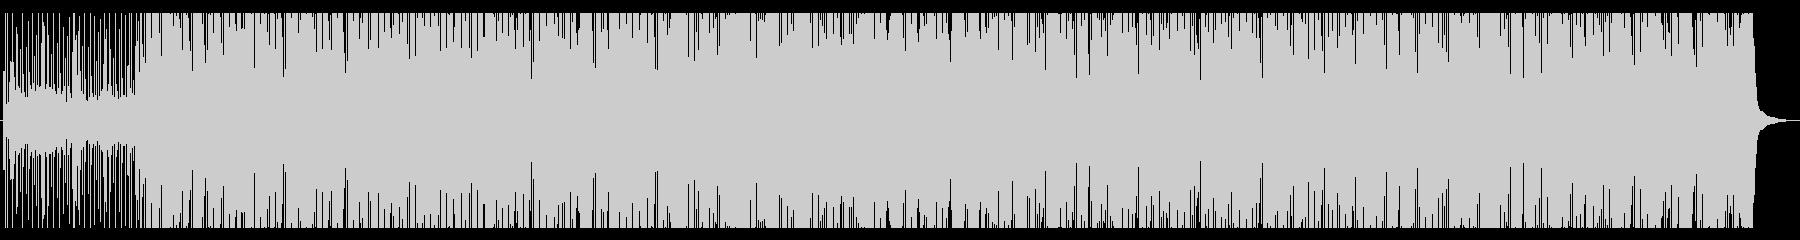 トロピカルハウス・ハッピー・夏の海の未再生の波形